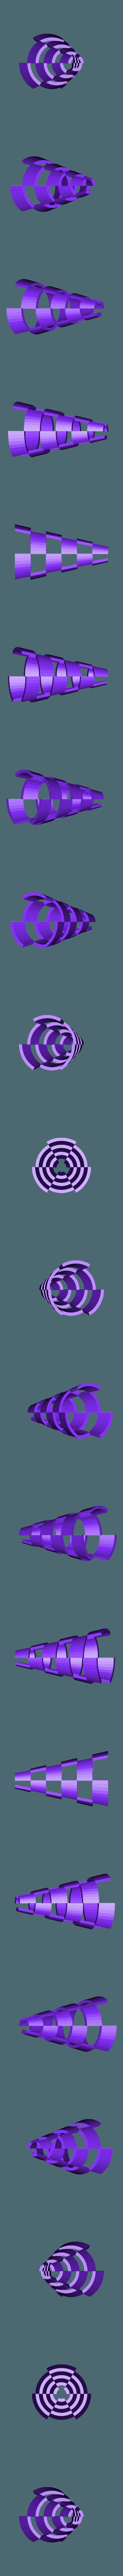 checker_cone_B.stl Télécharger fichier STL gratuit Collection de cônes de circulation de la mode • Design imprimable en 3D, Render